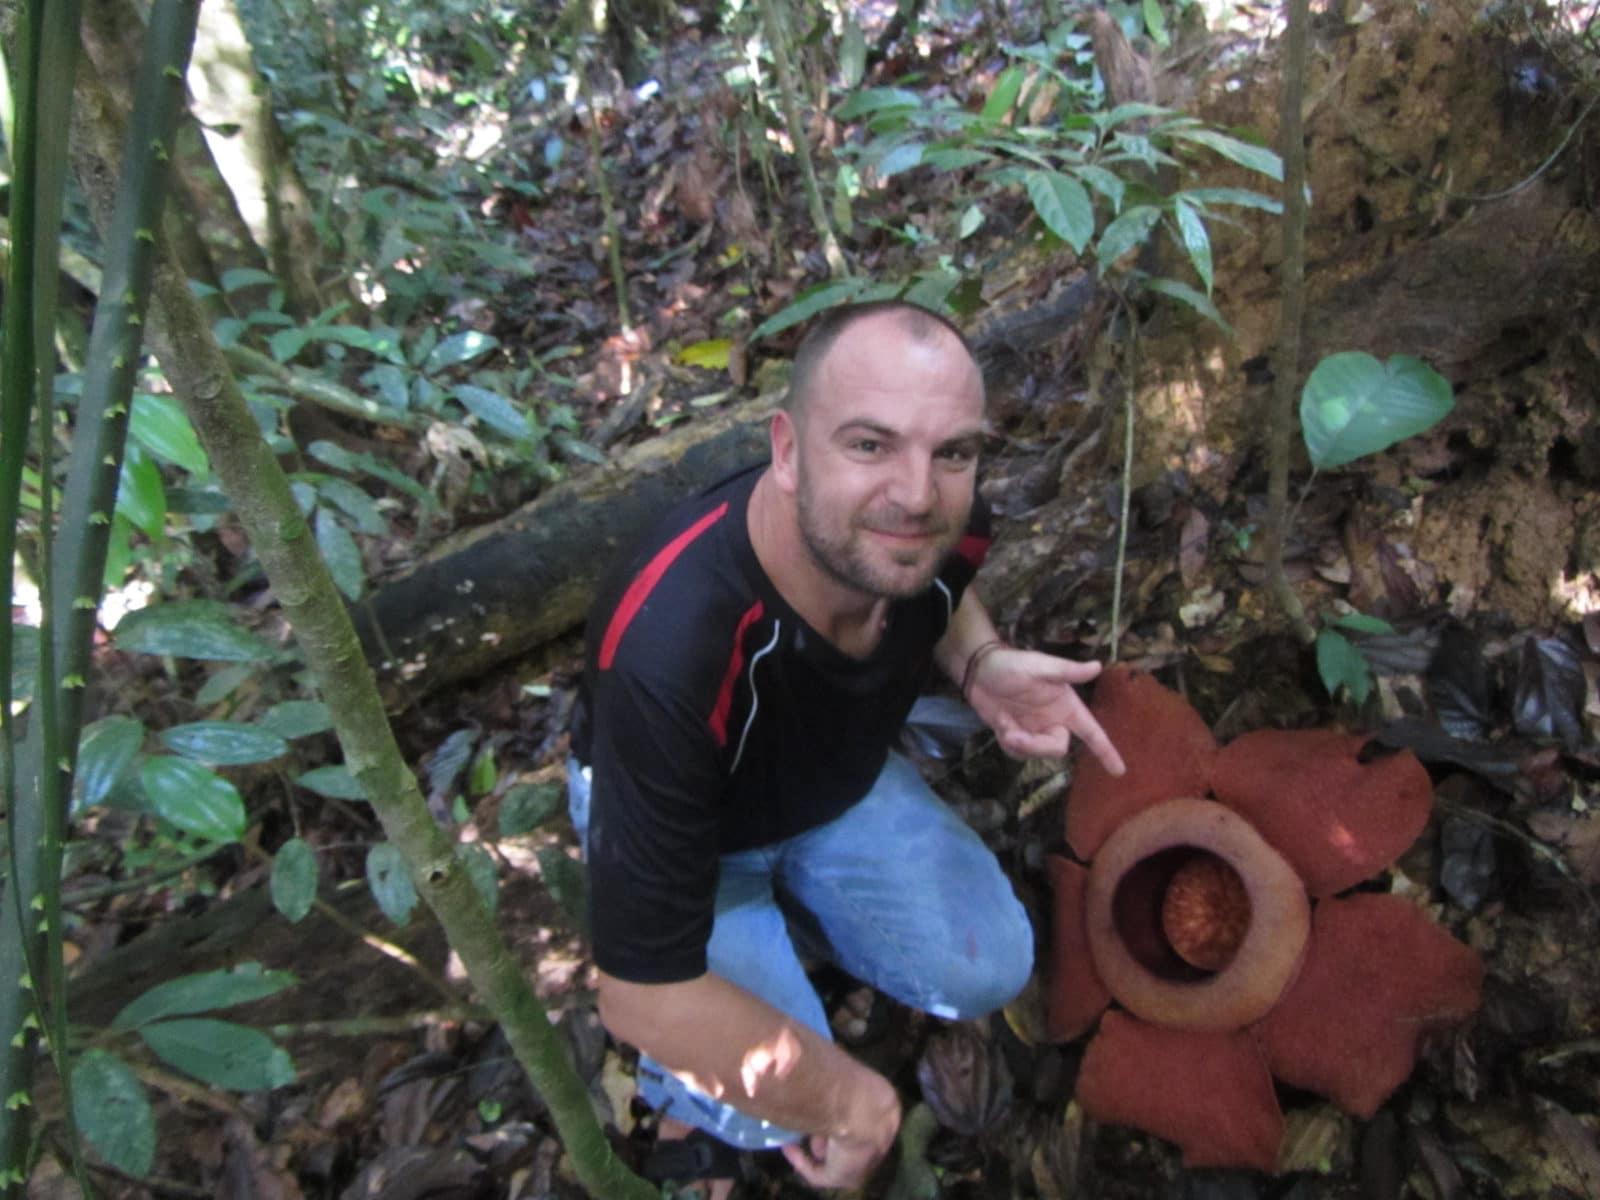 Rafflesia - die größte Blume der Welt im Khao Sok Nationalpark